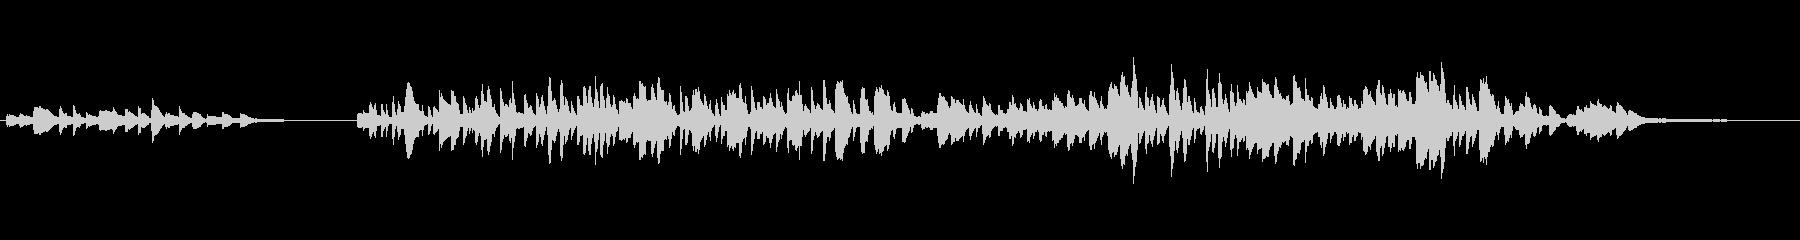 カンパネラ原曲冒頭をスタンウェイピアノでの未再生の波形